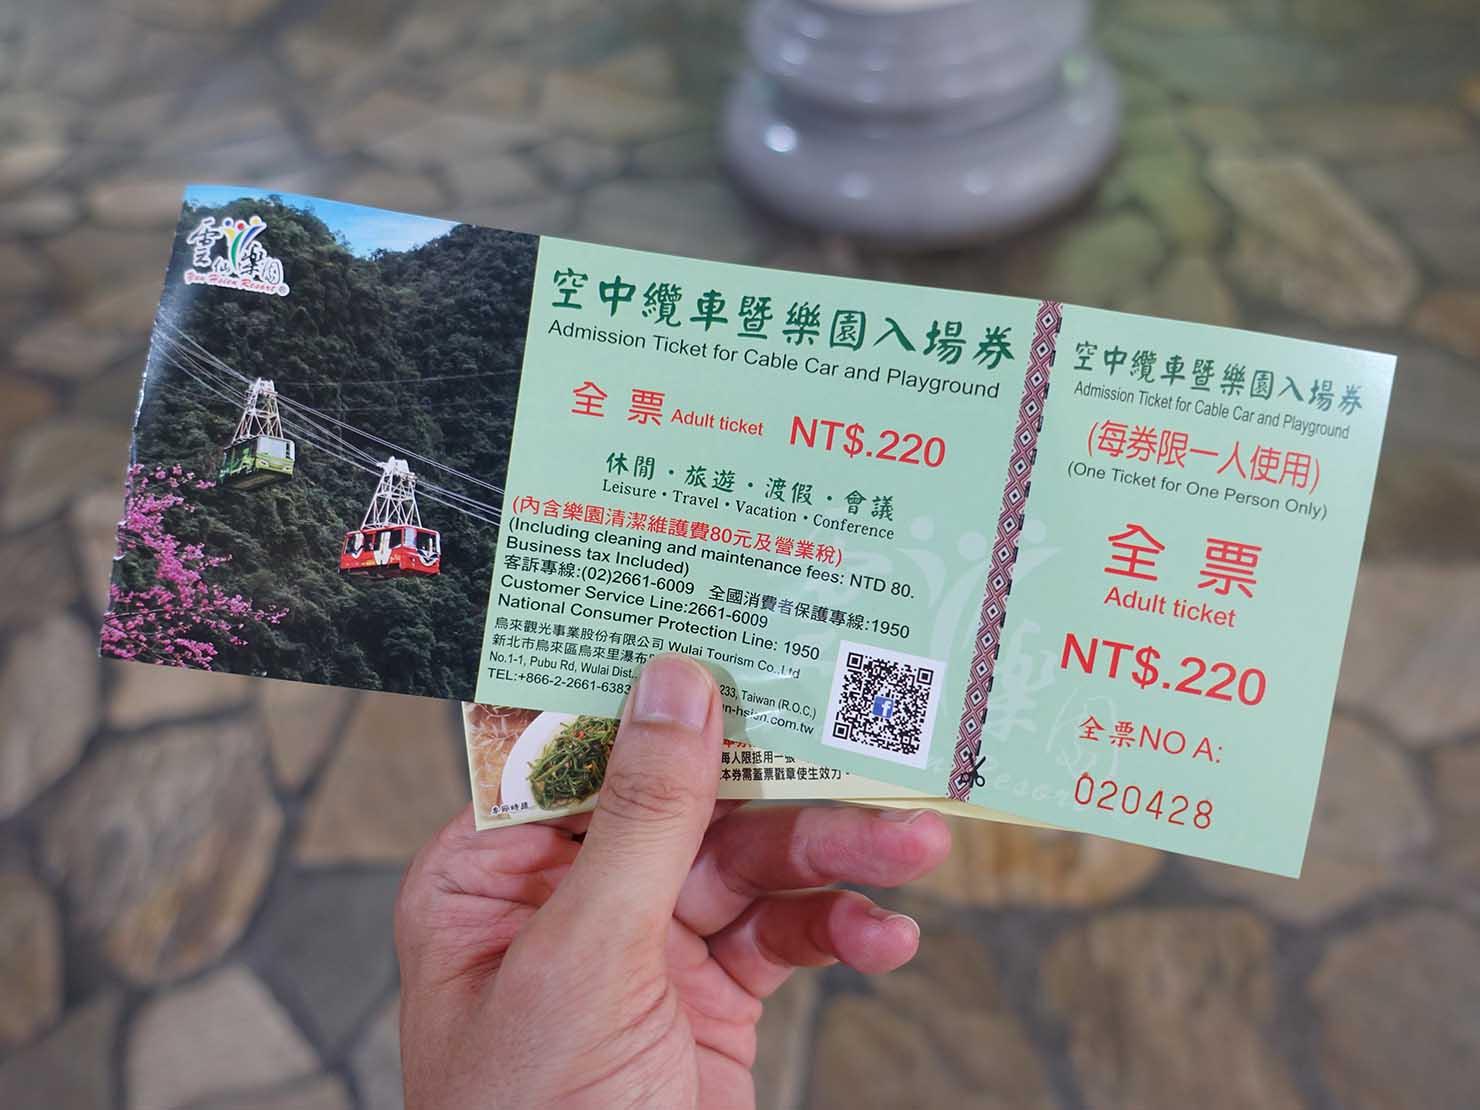 台北・烏來温泉から行けるテーマパーク「雲仙樂園」のロープウェー乗車チケット